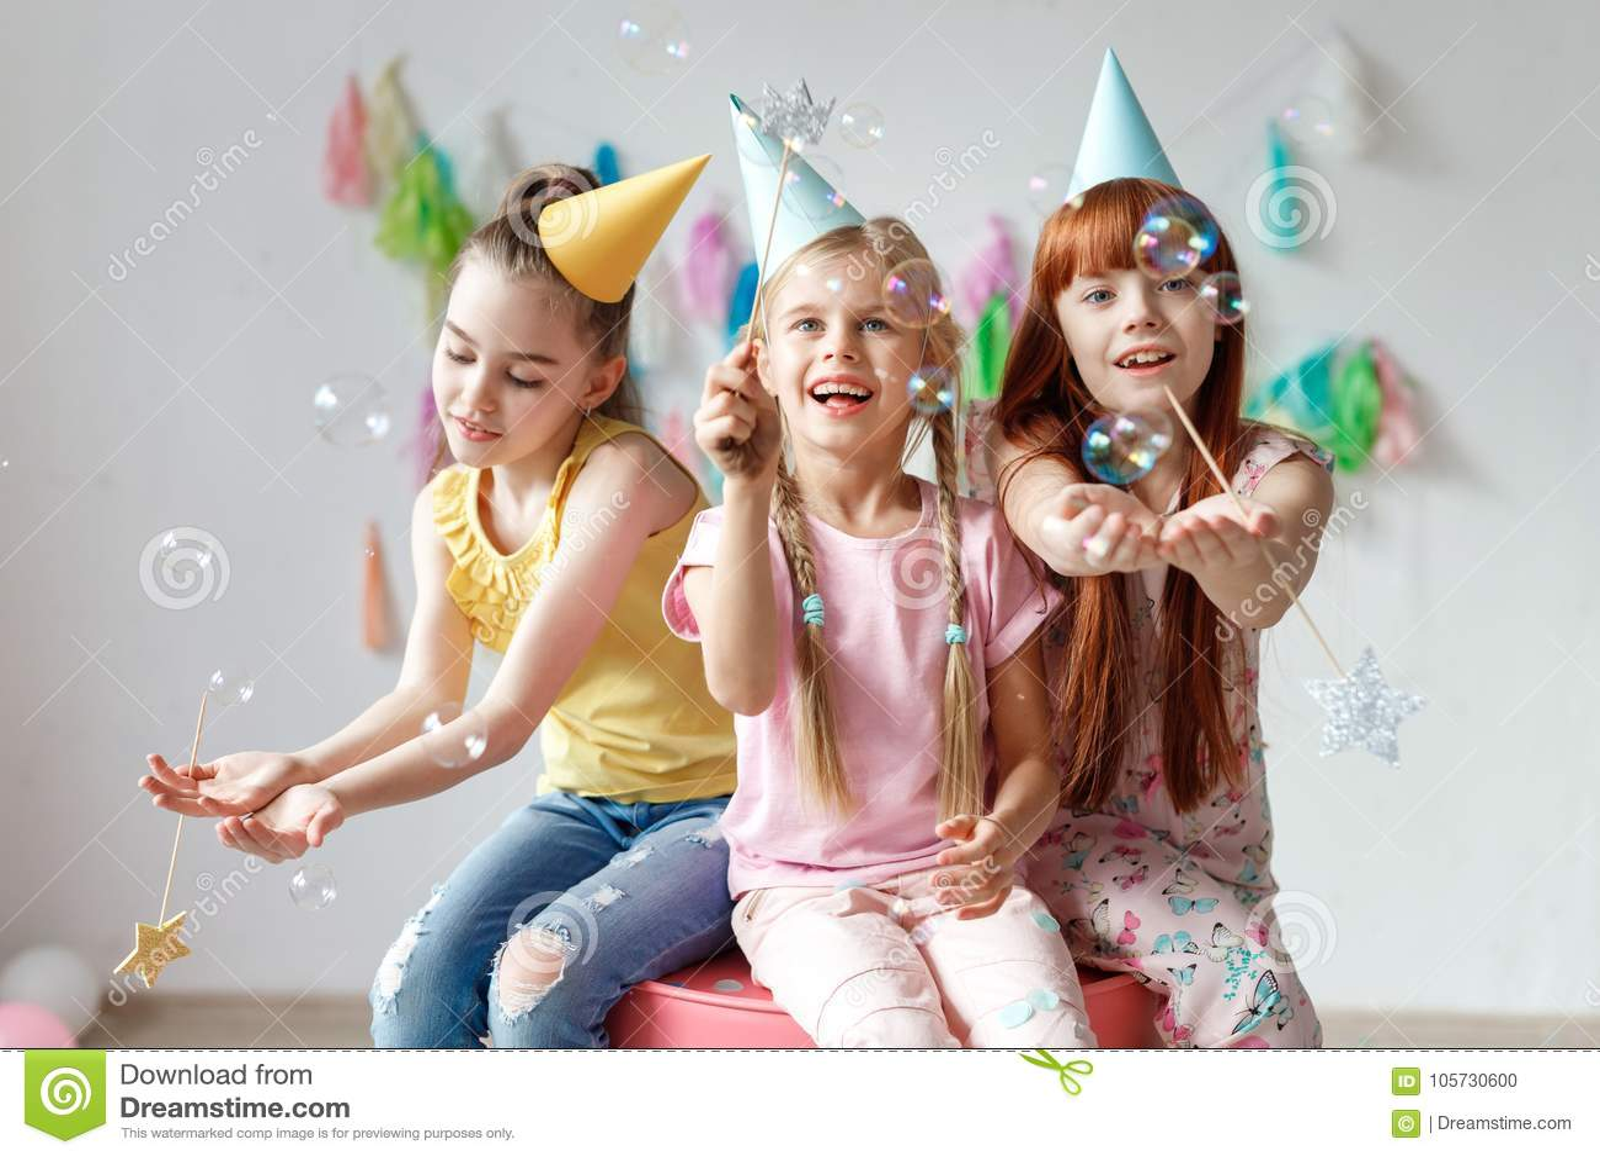 Ståenden av tre härliga flickor bär festliga lock, spelar med bubblor, sitter tillsammans på stol, firar födelsedag och att vara